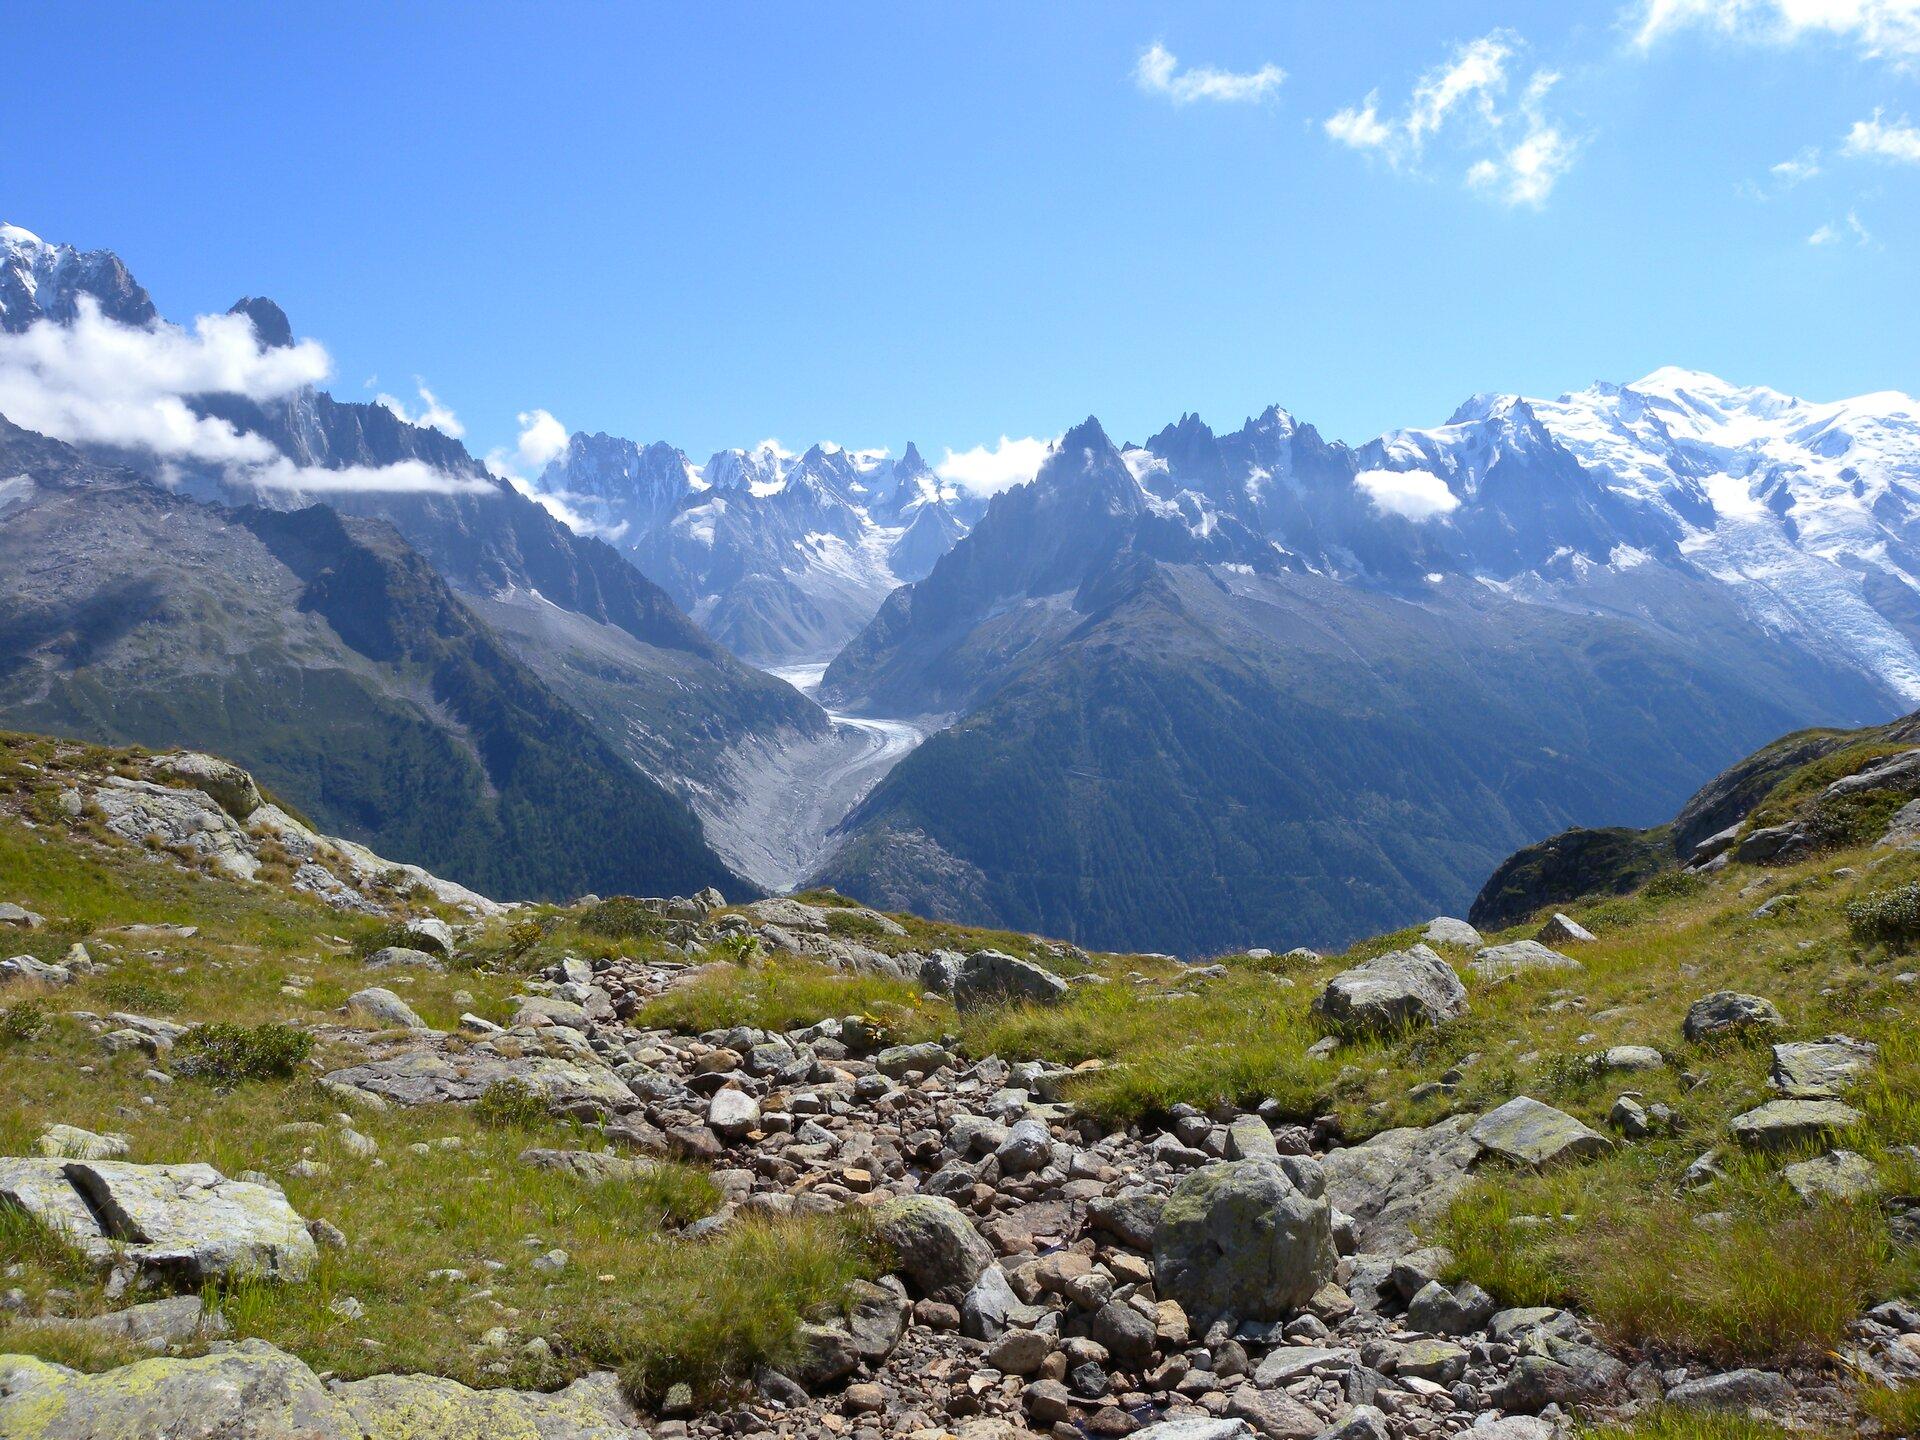 Na zdjęciu wysokie góry, ośnieżone szczyty pozbawione roślinności, na pierwszym planie teren porośnięty trawą, kamienie.